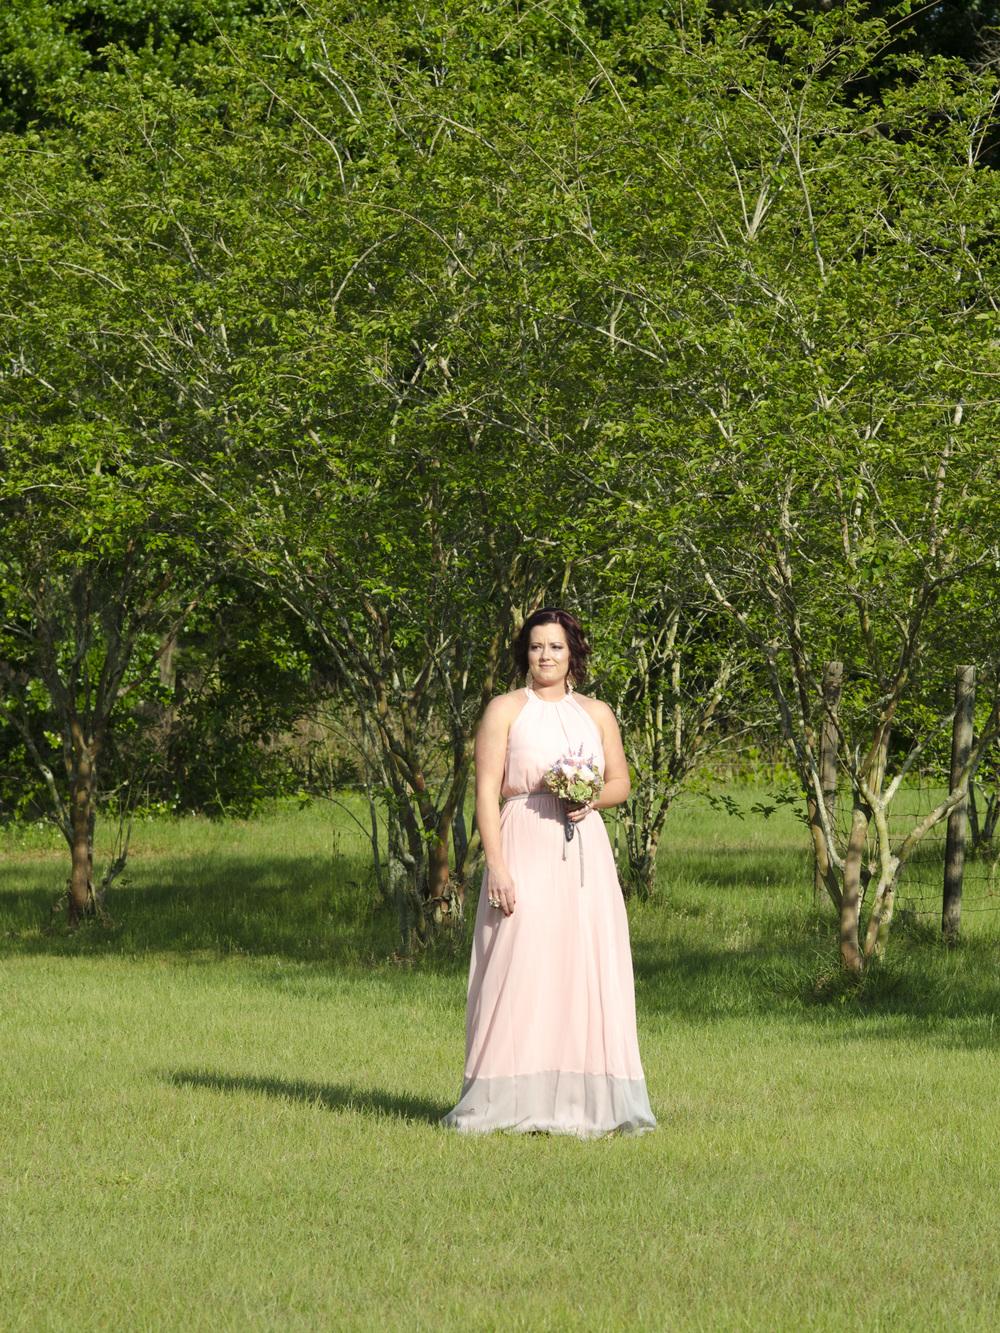 florida wedding photographer - backyard wedding